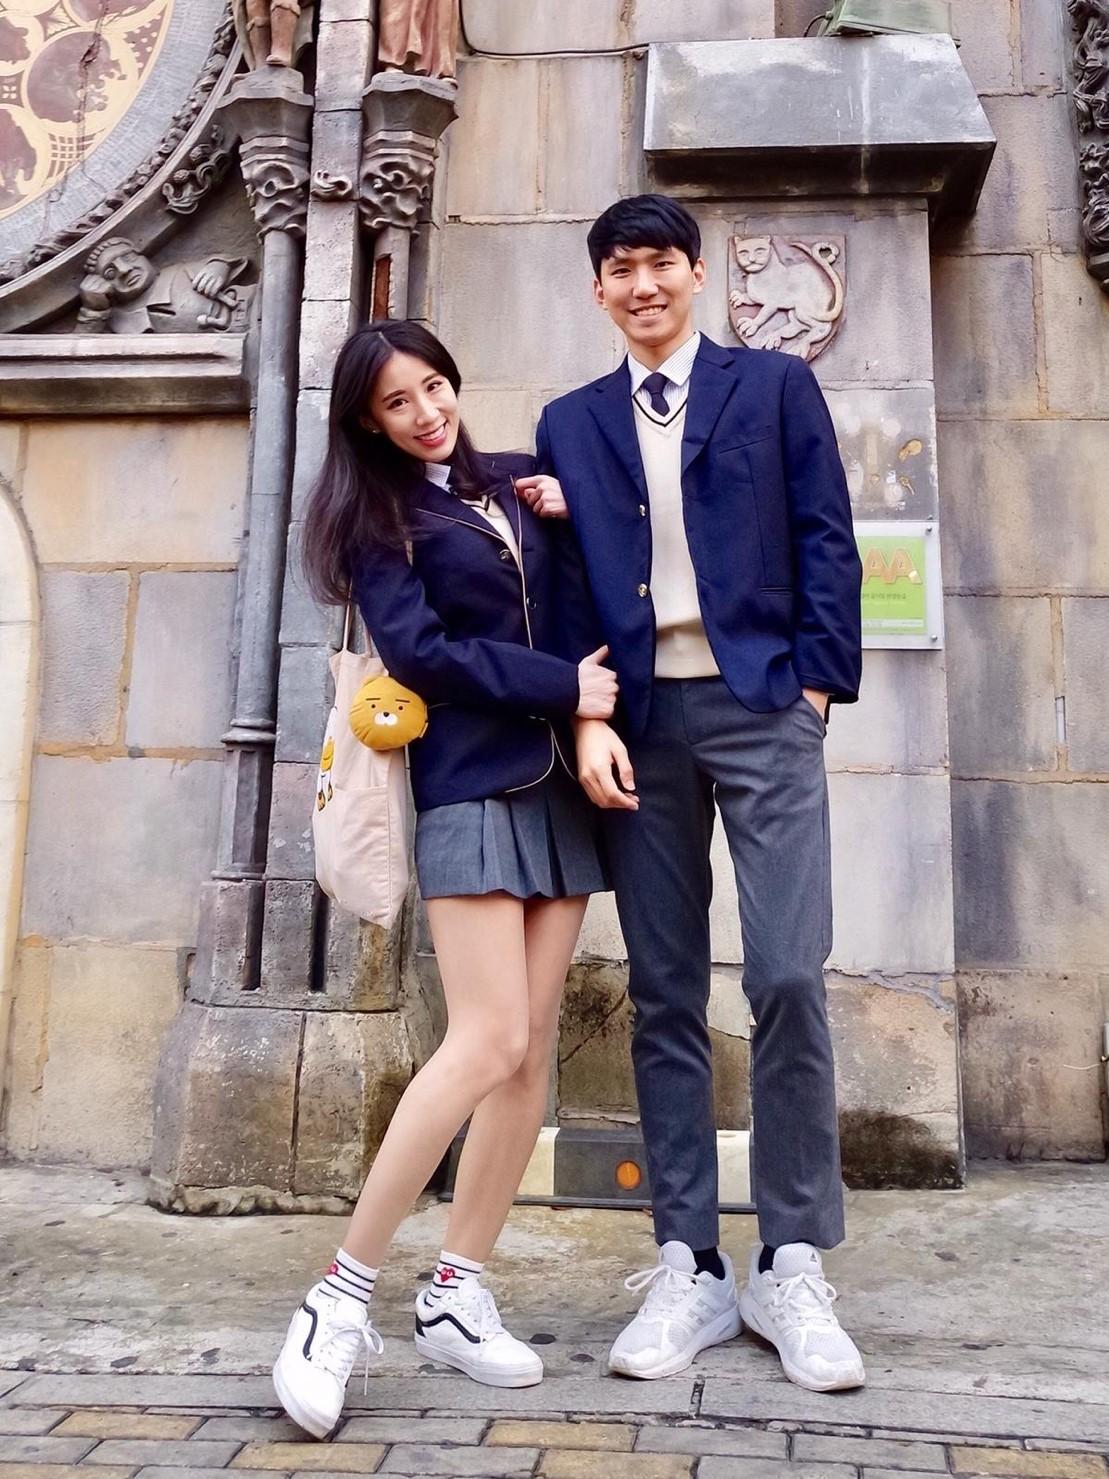 ▲瑤瑤與男友去弘大租學生服體驗當學生感覺。